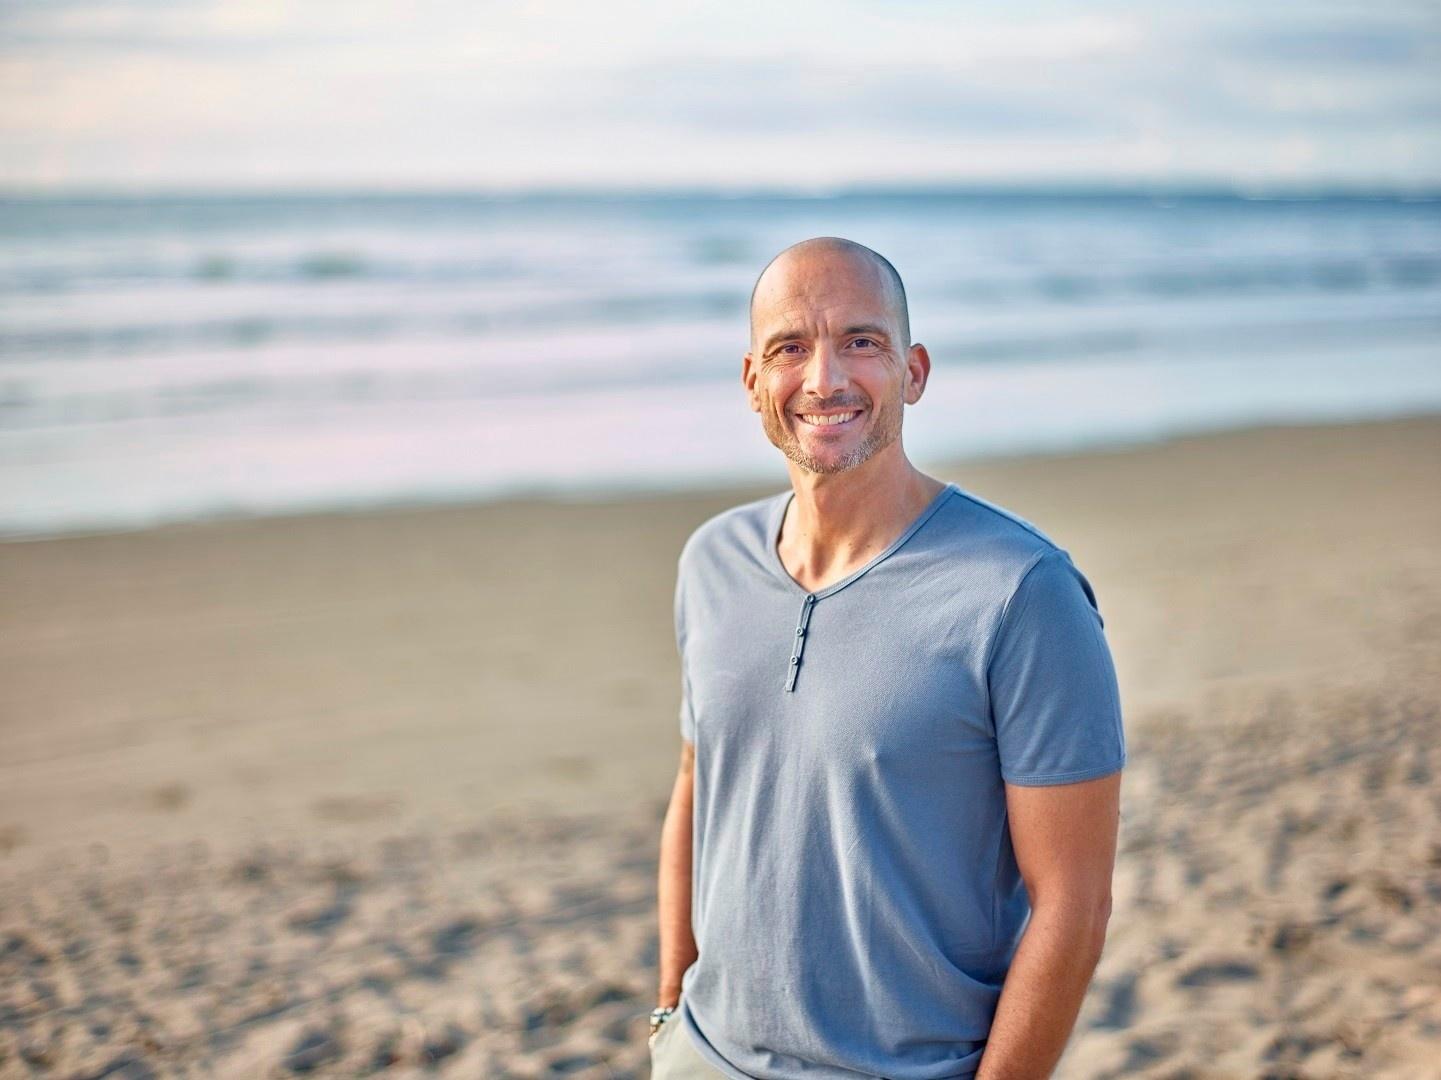 Self-love Coach | Personal Empowerment Coach | Quantum Healing Coach - Mike Fanelli